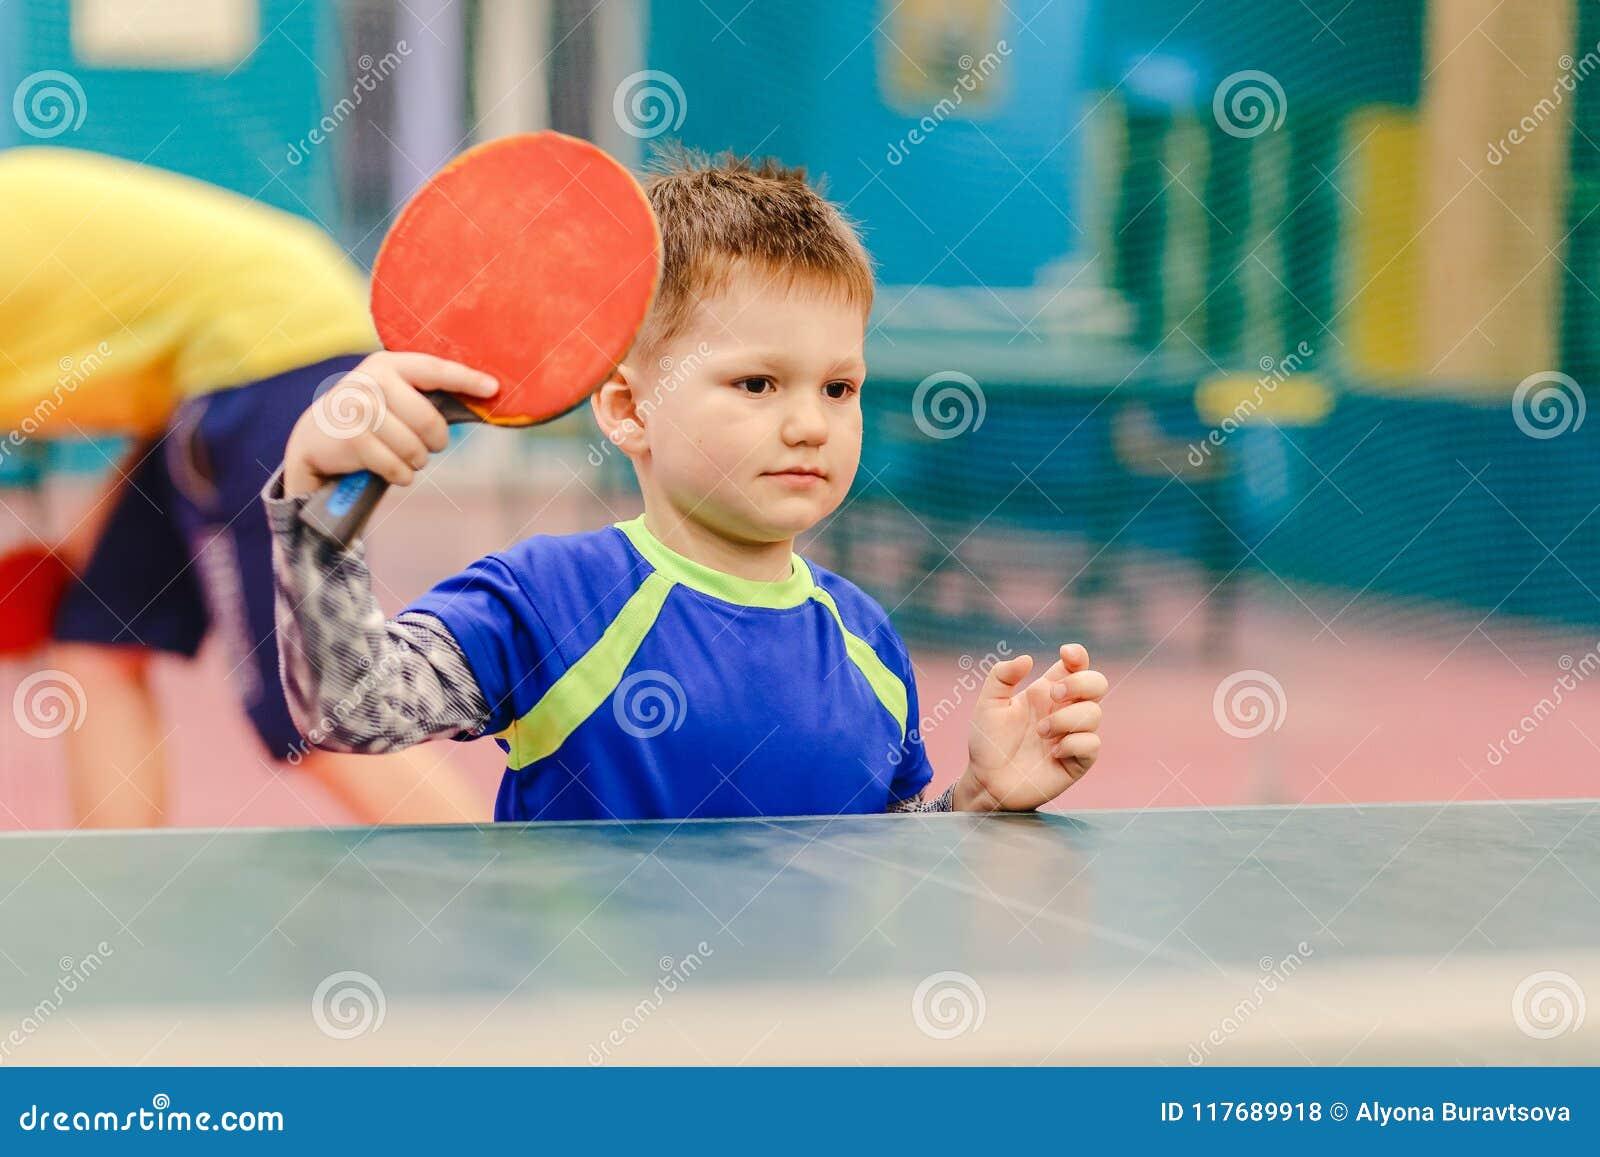 Счастливый мальчик стоя в зале тенниса, зала тенниса, ракетка тенниса, настольный теннис